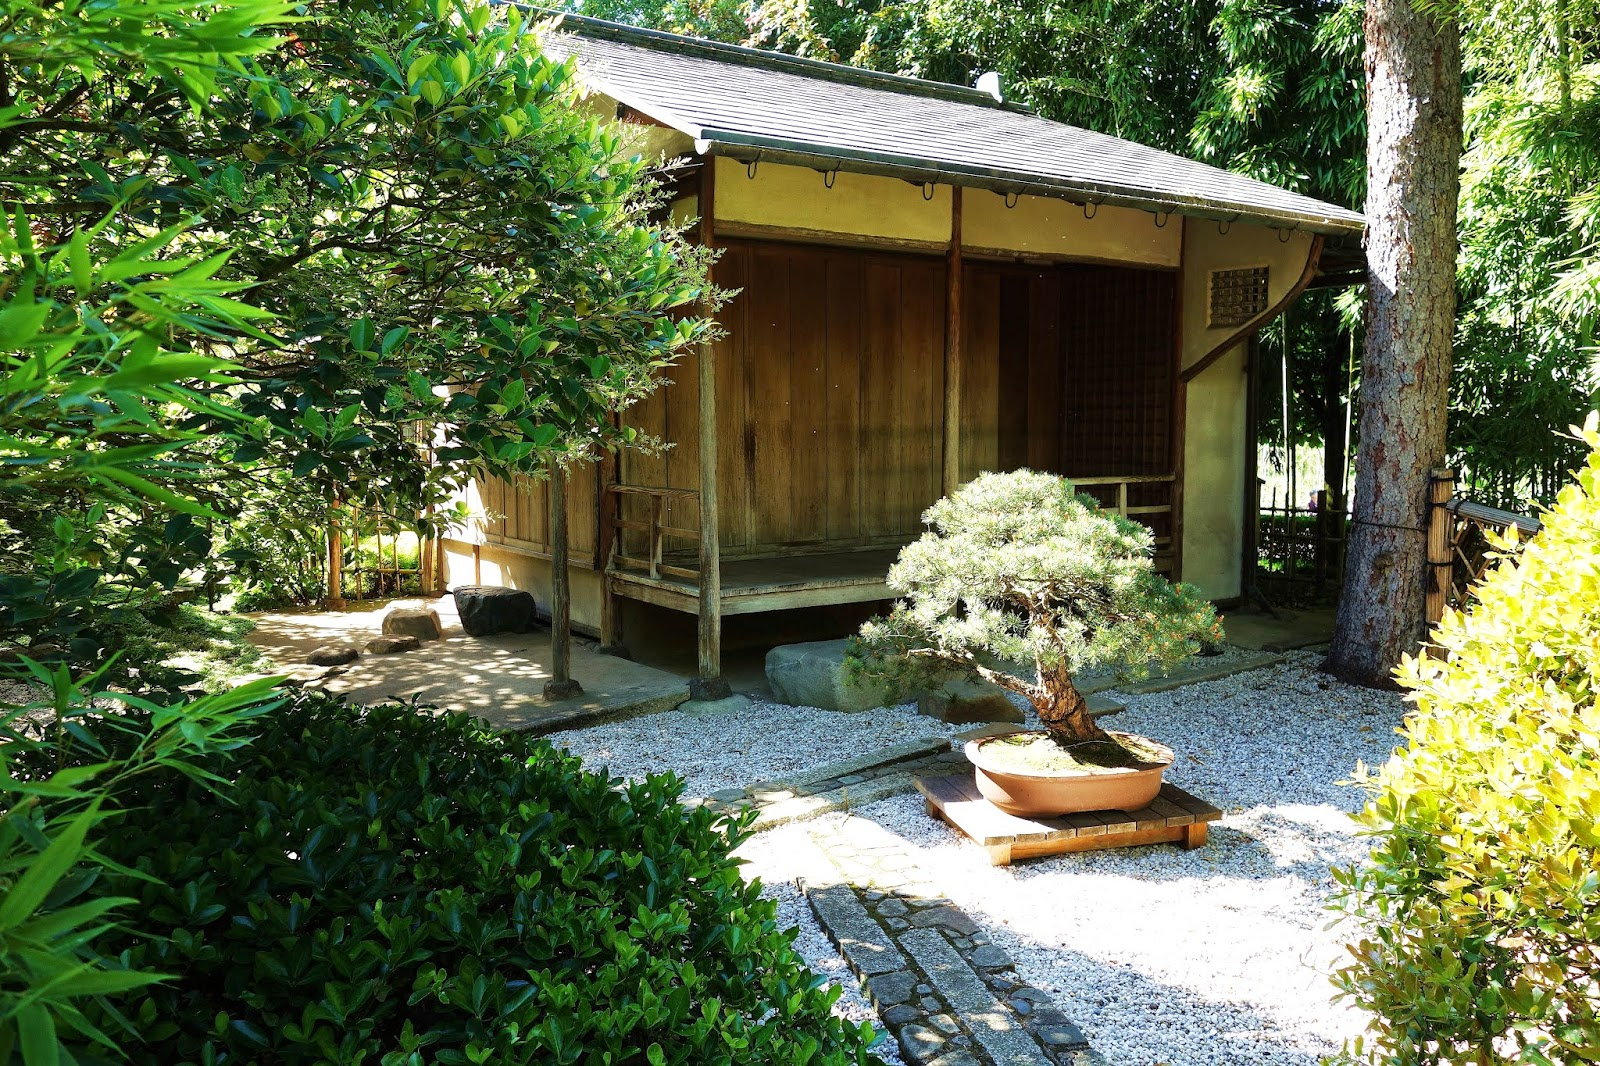 Paris : Village et jardin japonais au Musée Albert Kahn - Boulogne ...